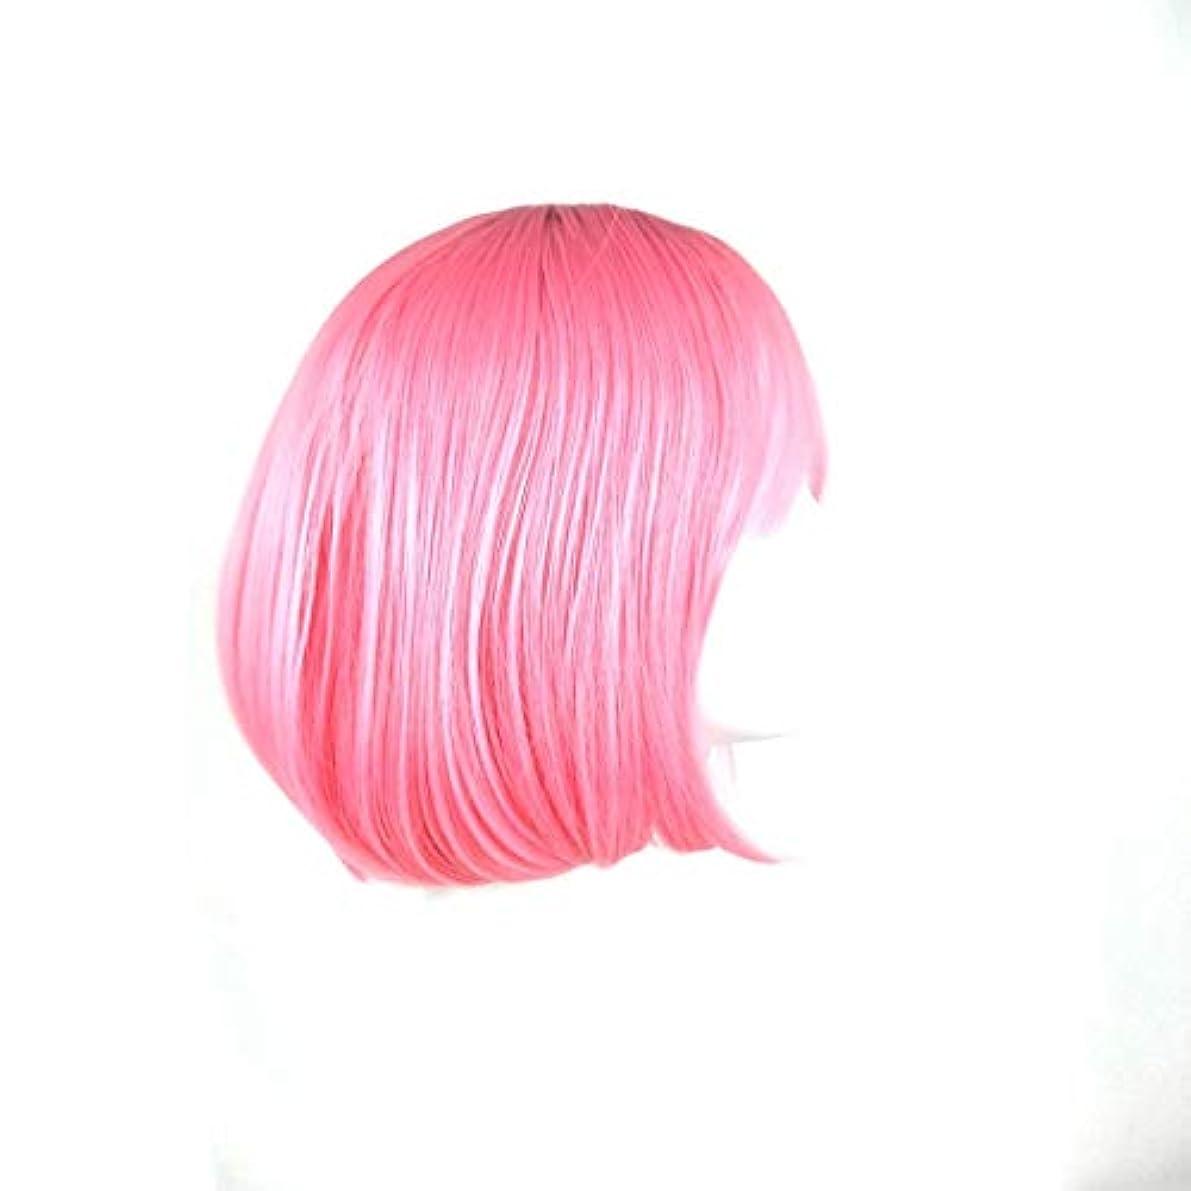 超えて剥離感度Kerwinner ピンクのかつらショートストレートヘアーボブウィッグ人工毛ナチュラルな耐熱性女性用